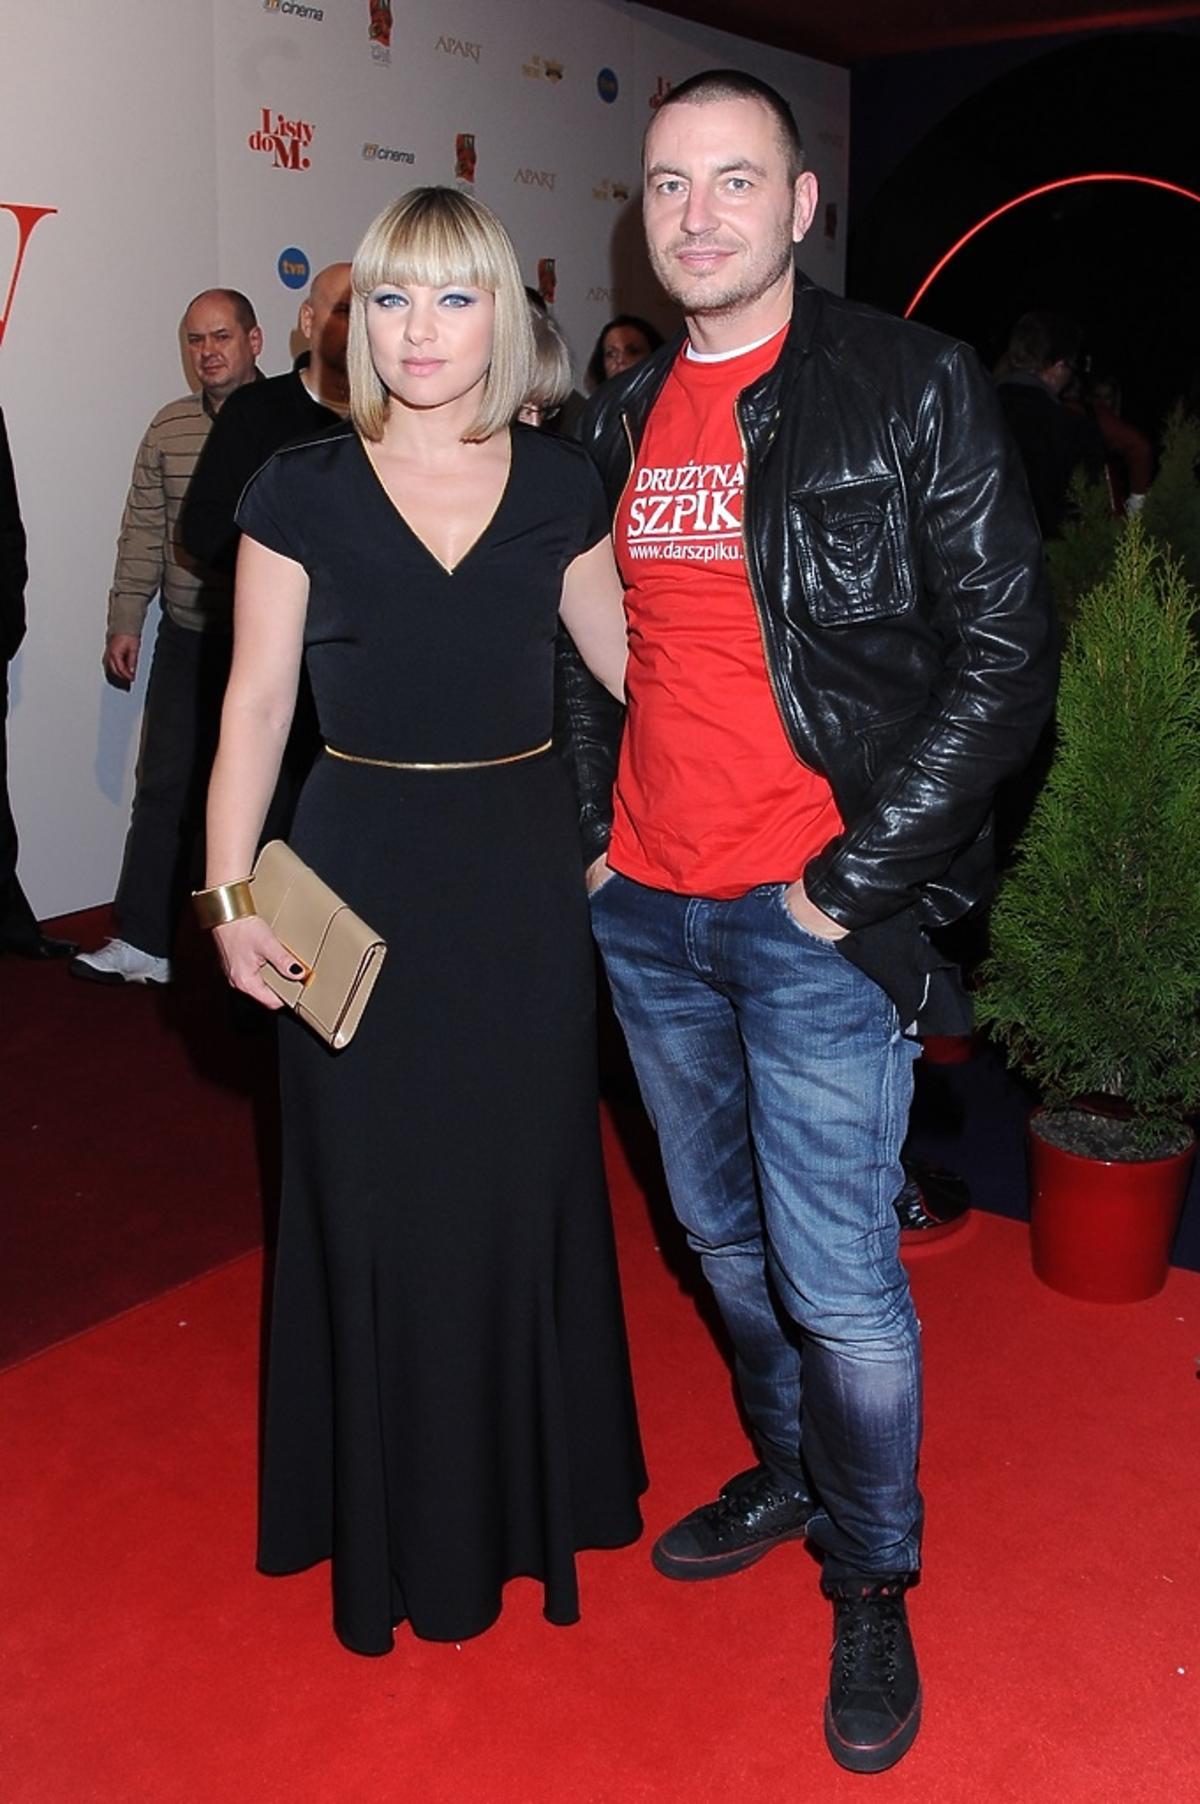 Katarzyna Bujakiewicz, Piotr Maruszewski